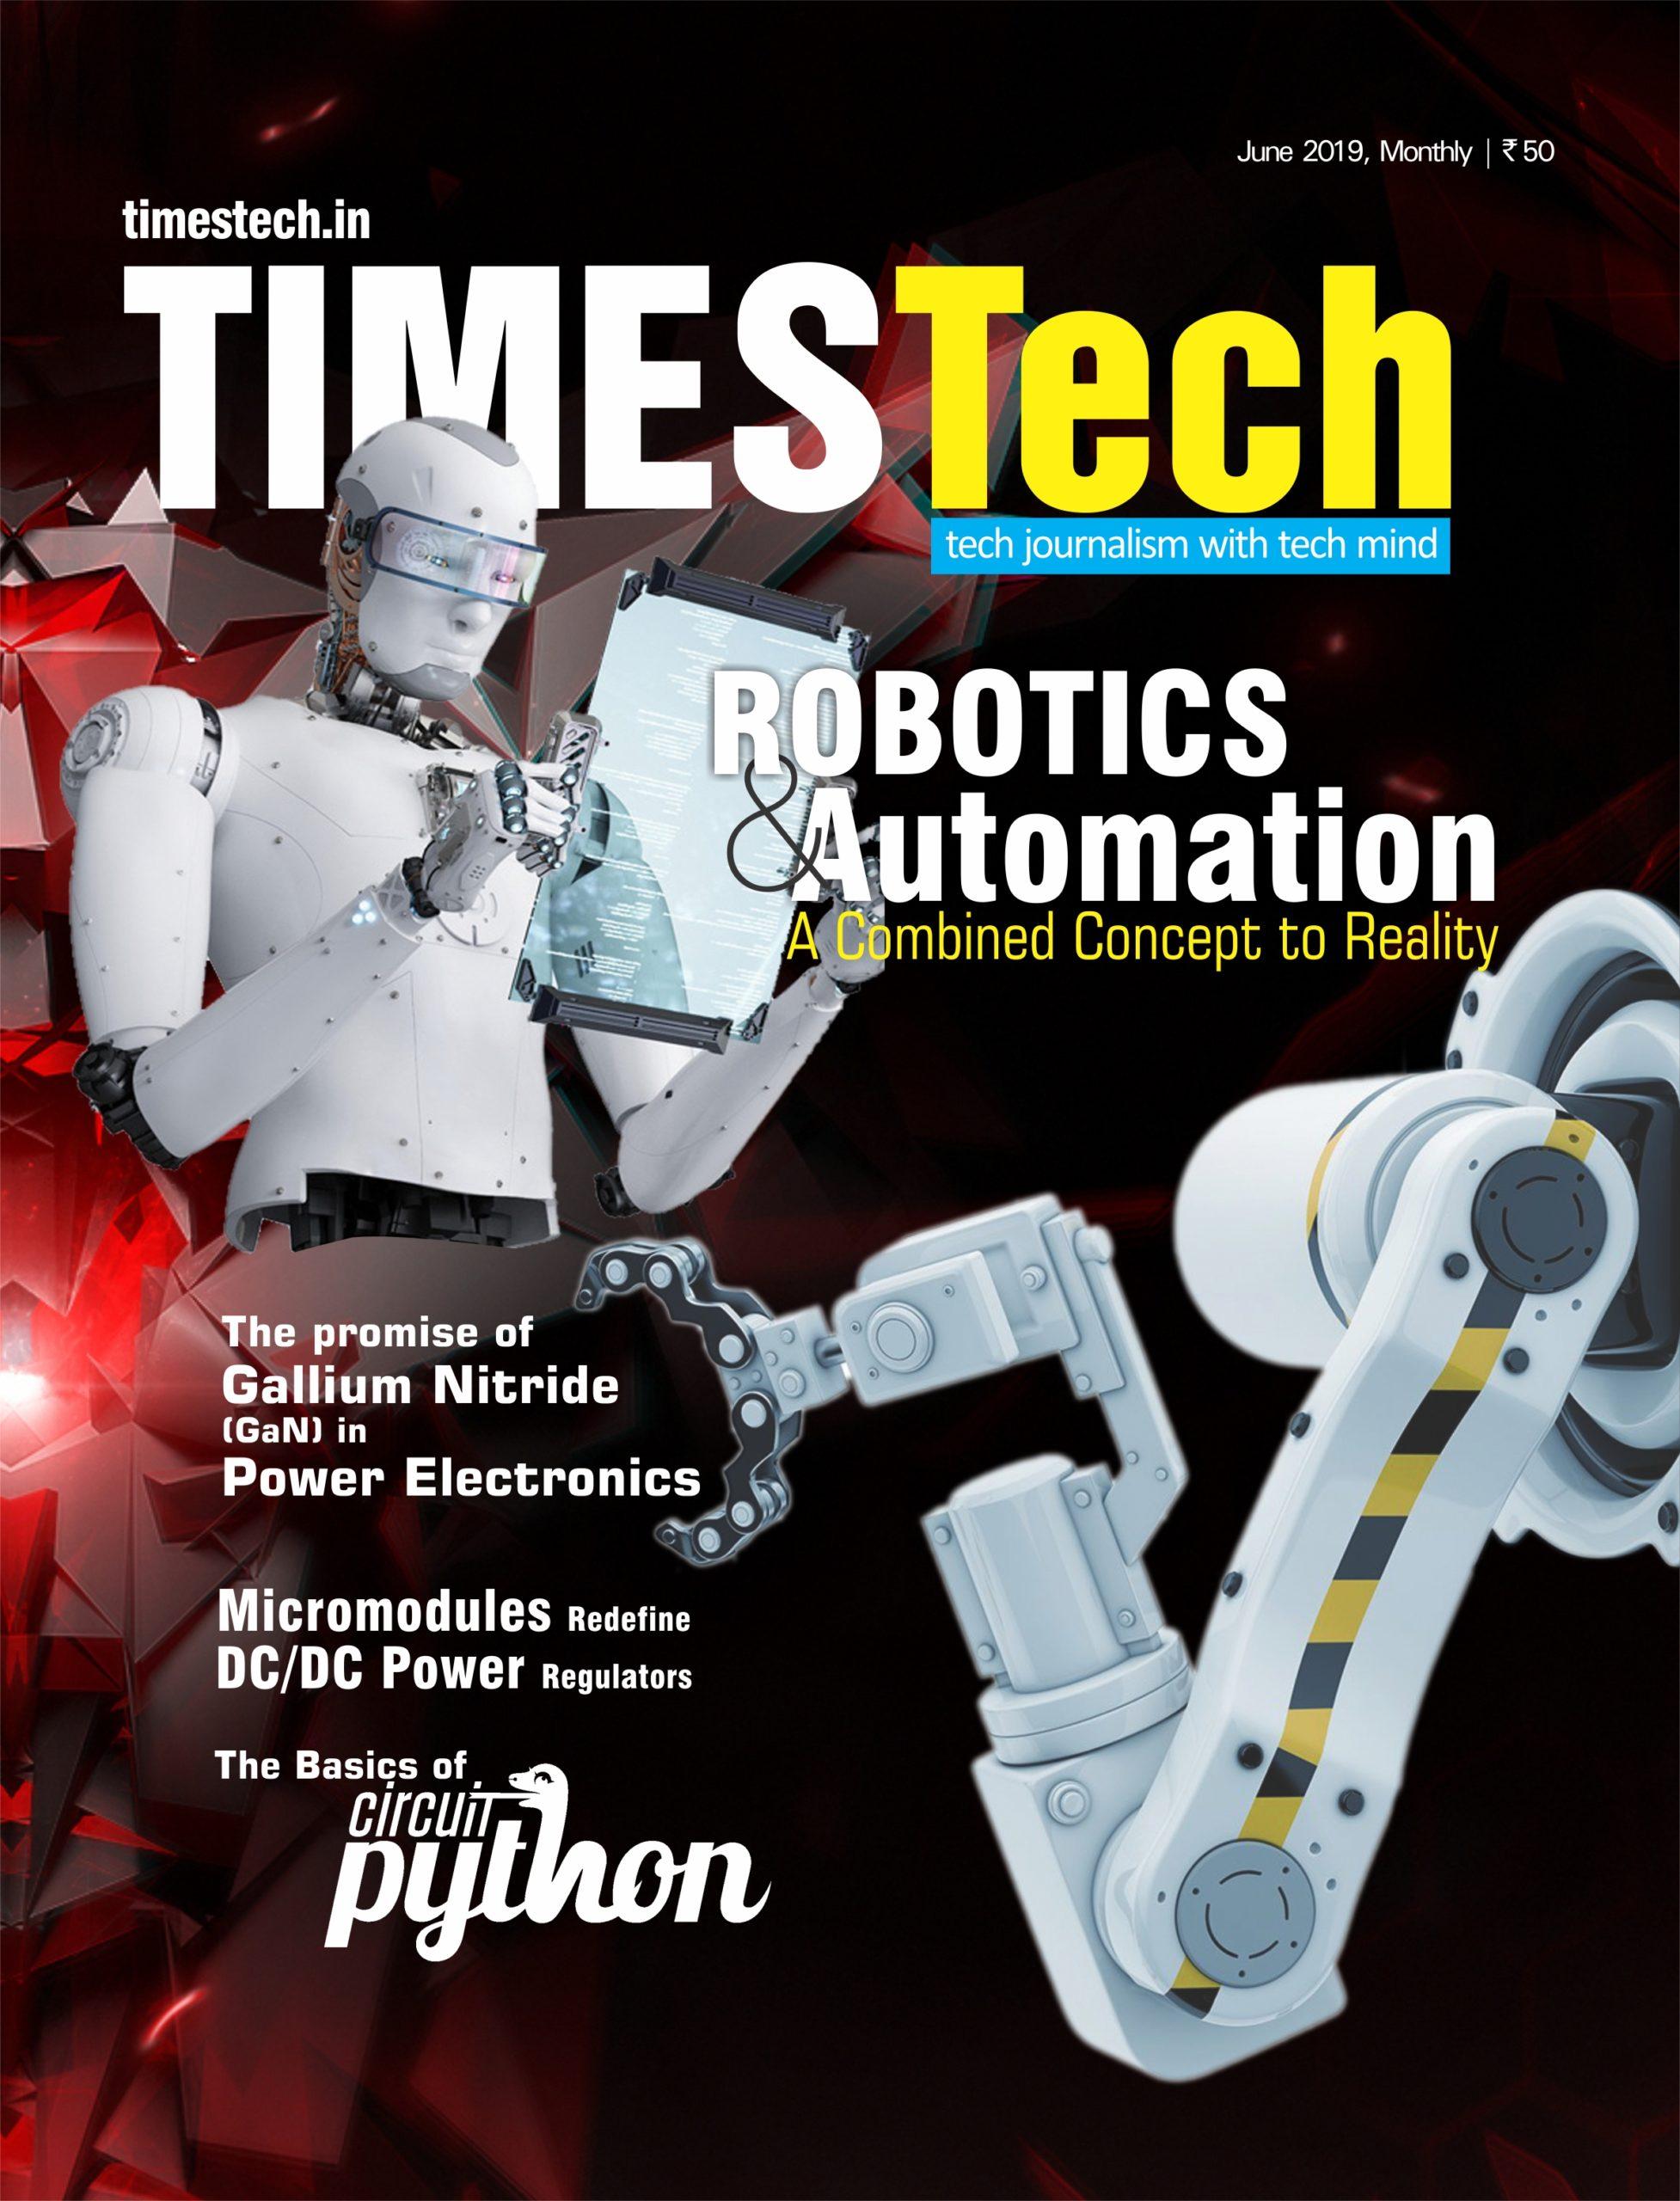 TimesTech June 2019